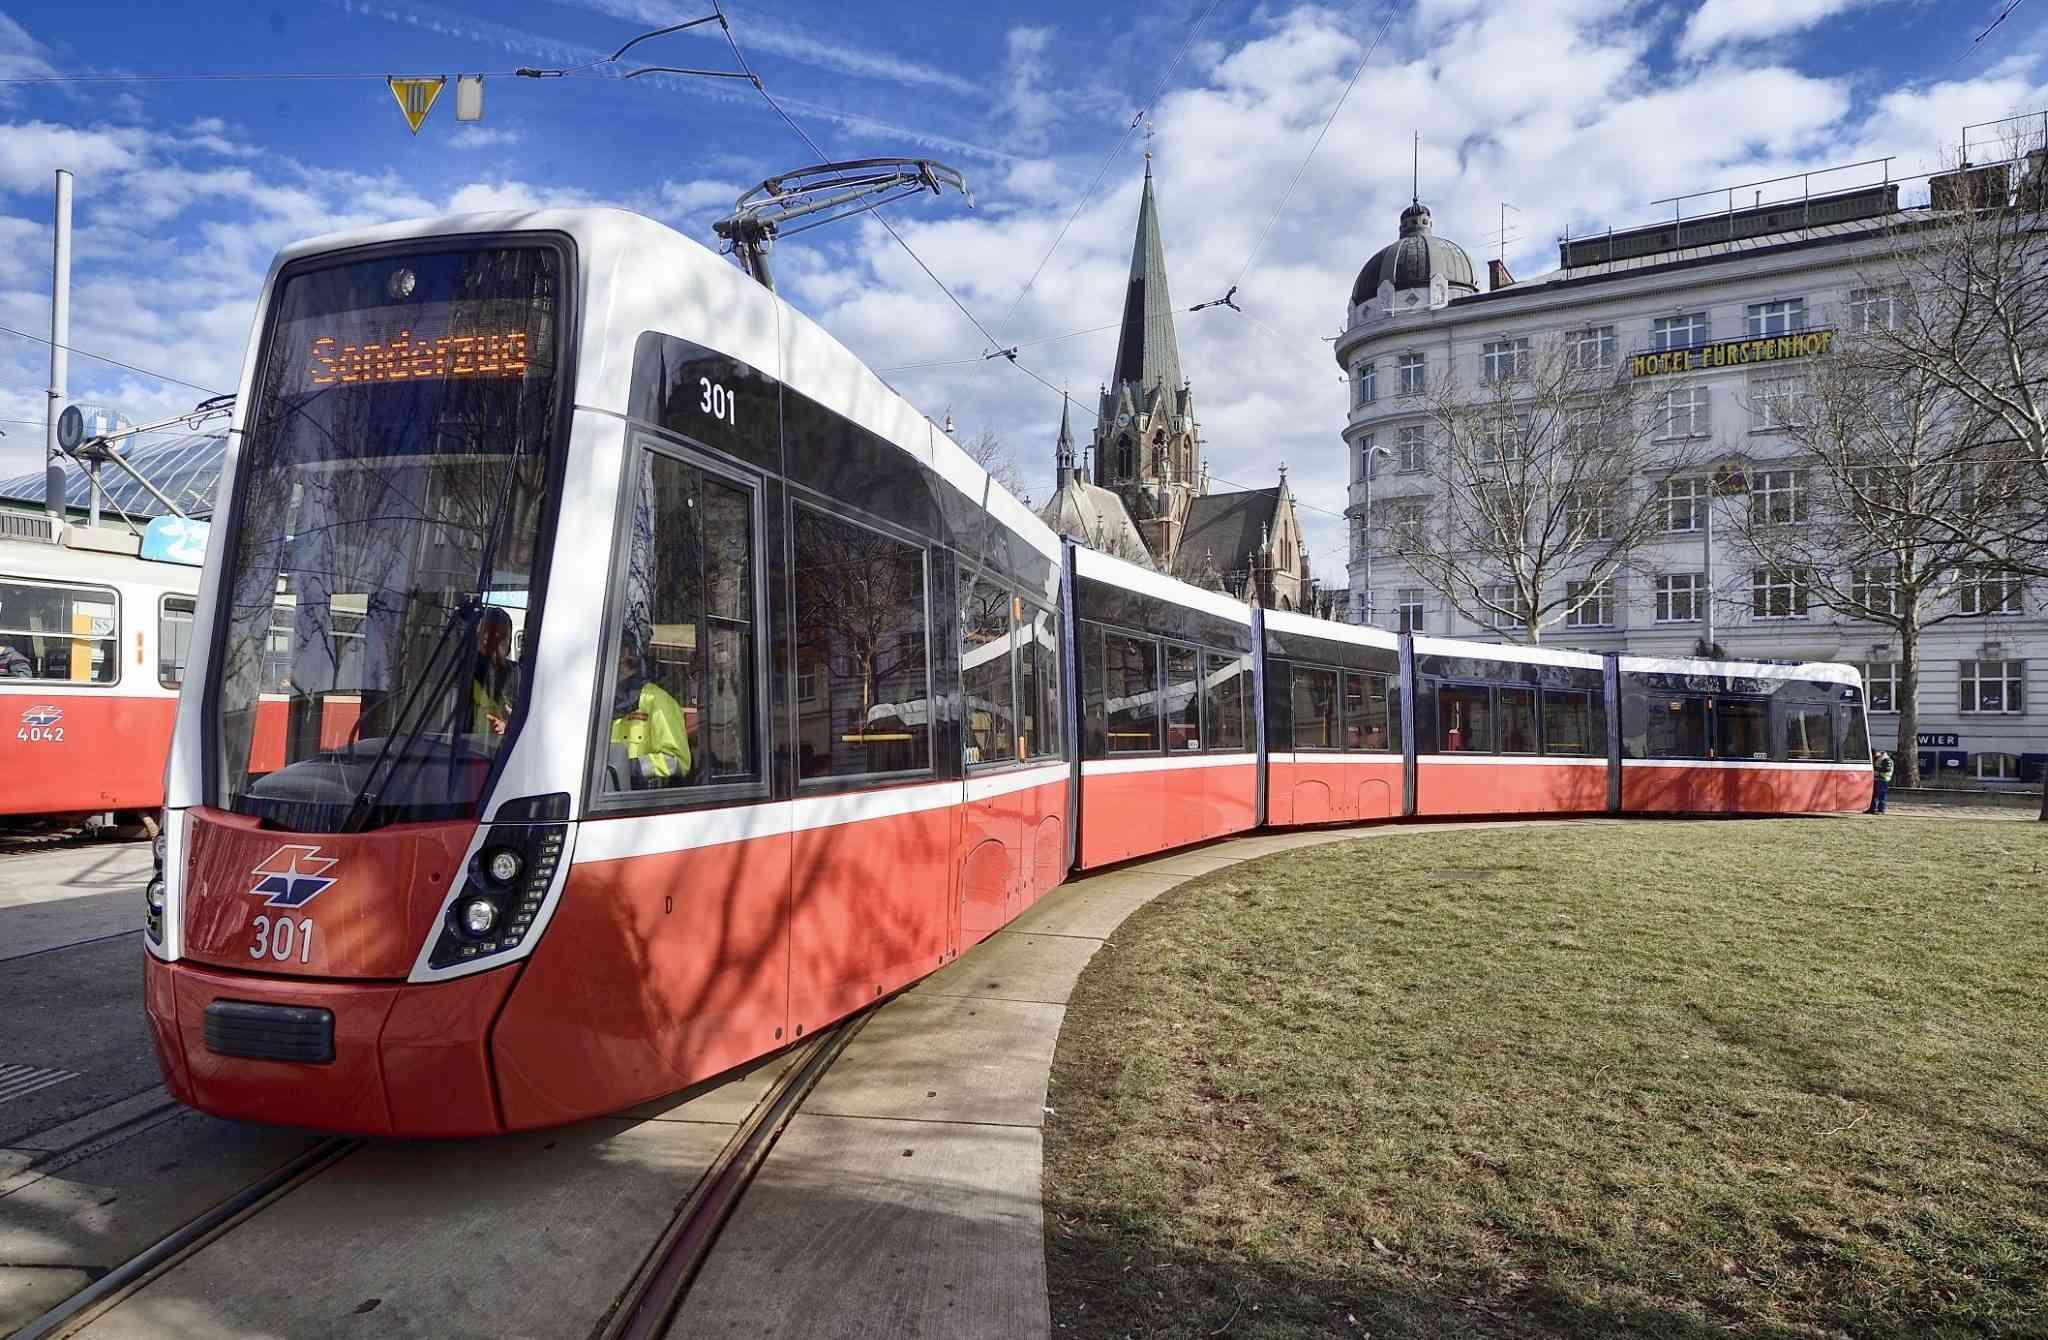 Die erste Ausfahrt des Flexity mit Fahrgästen wird Ende 2018 stattfinden.